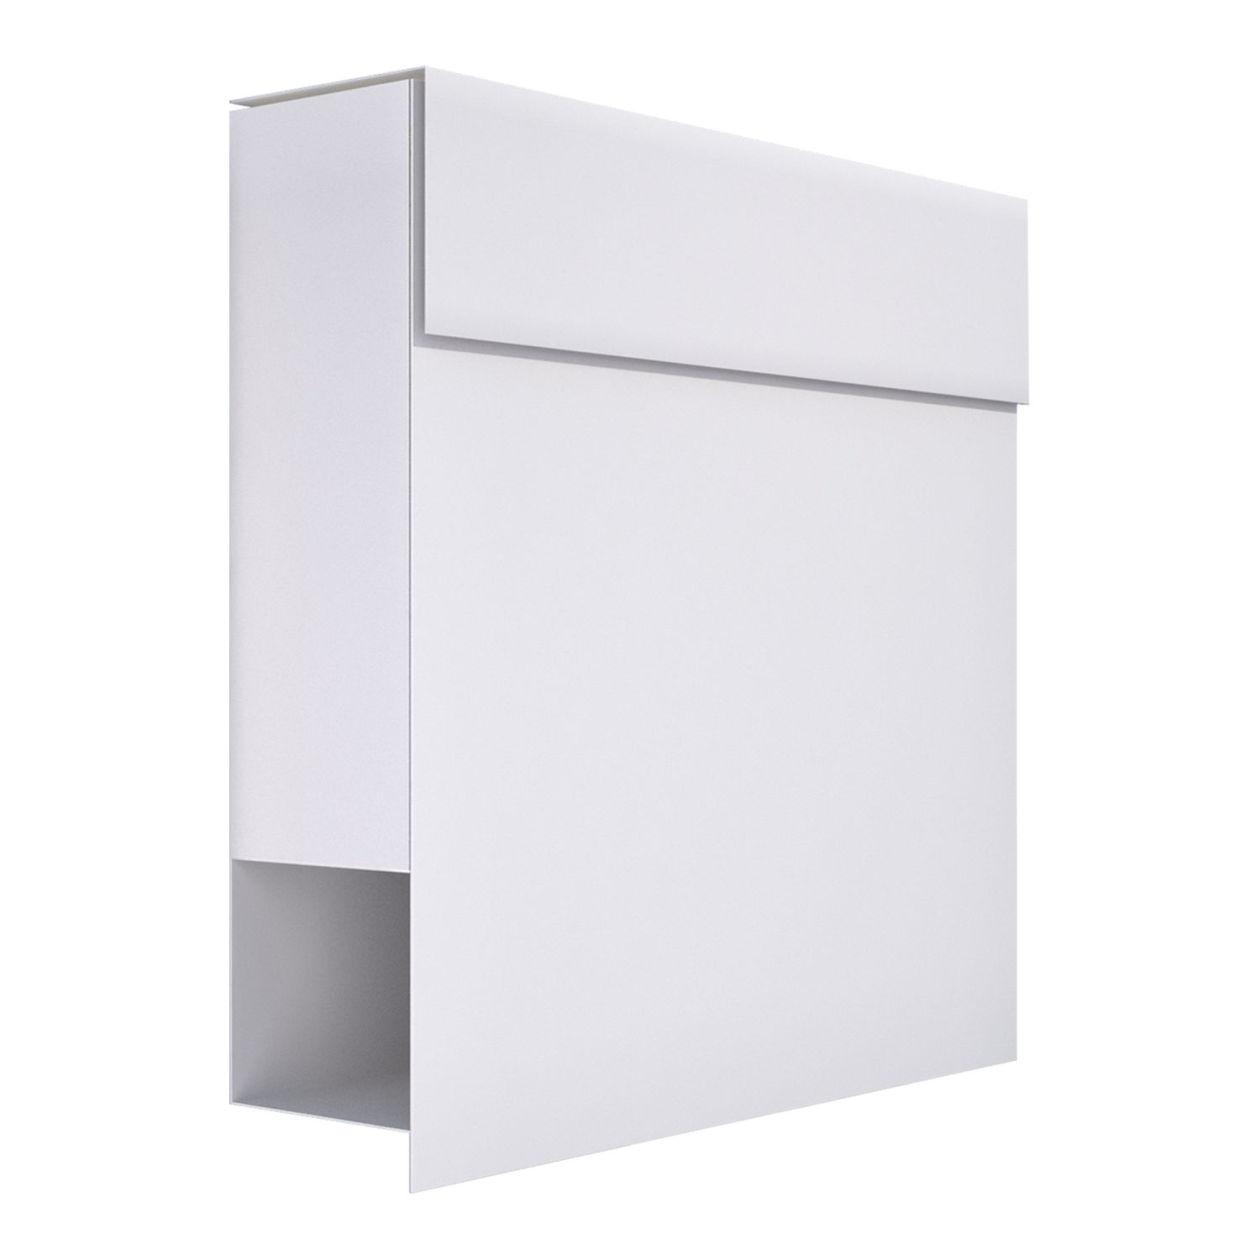 briefkasten design wandbriefkasten manhattan weiss bravios On bravios briefkasten